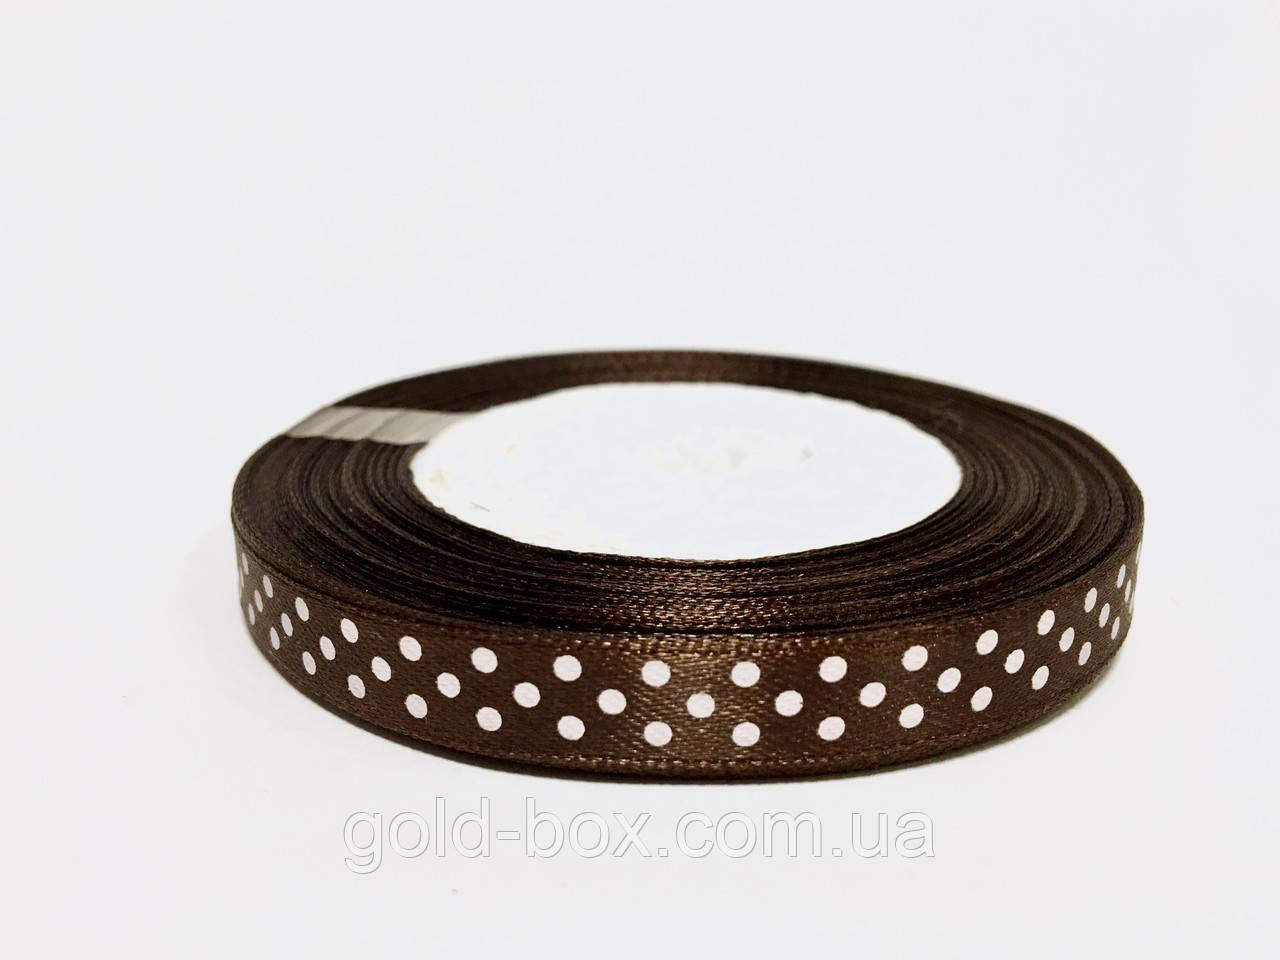 Атласная лента в горошек 1 см / 23м «Chocolate»